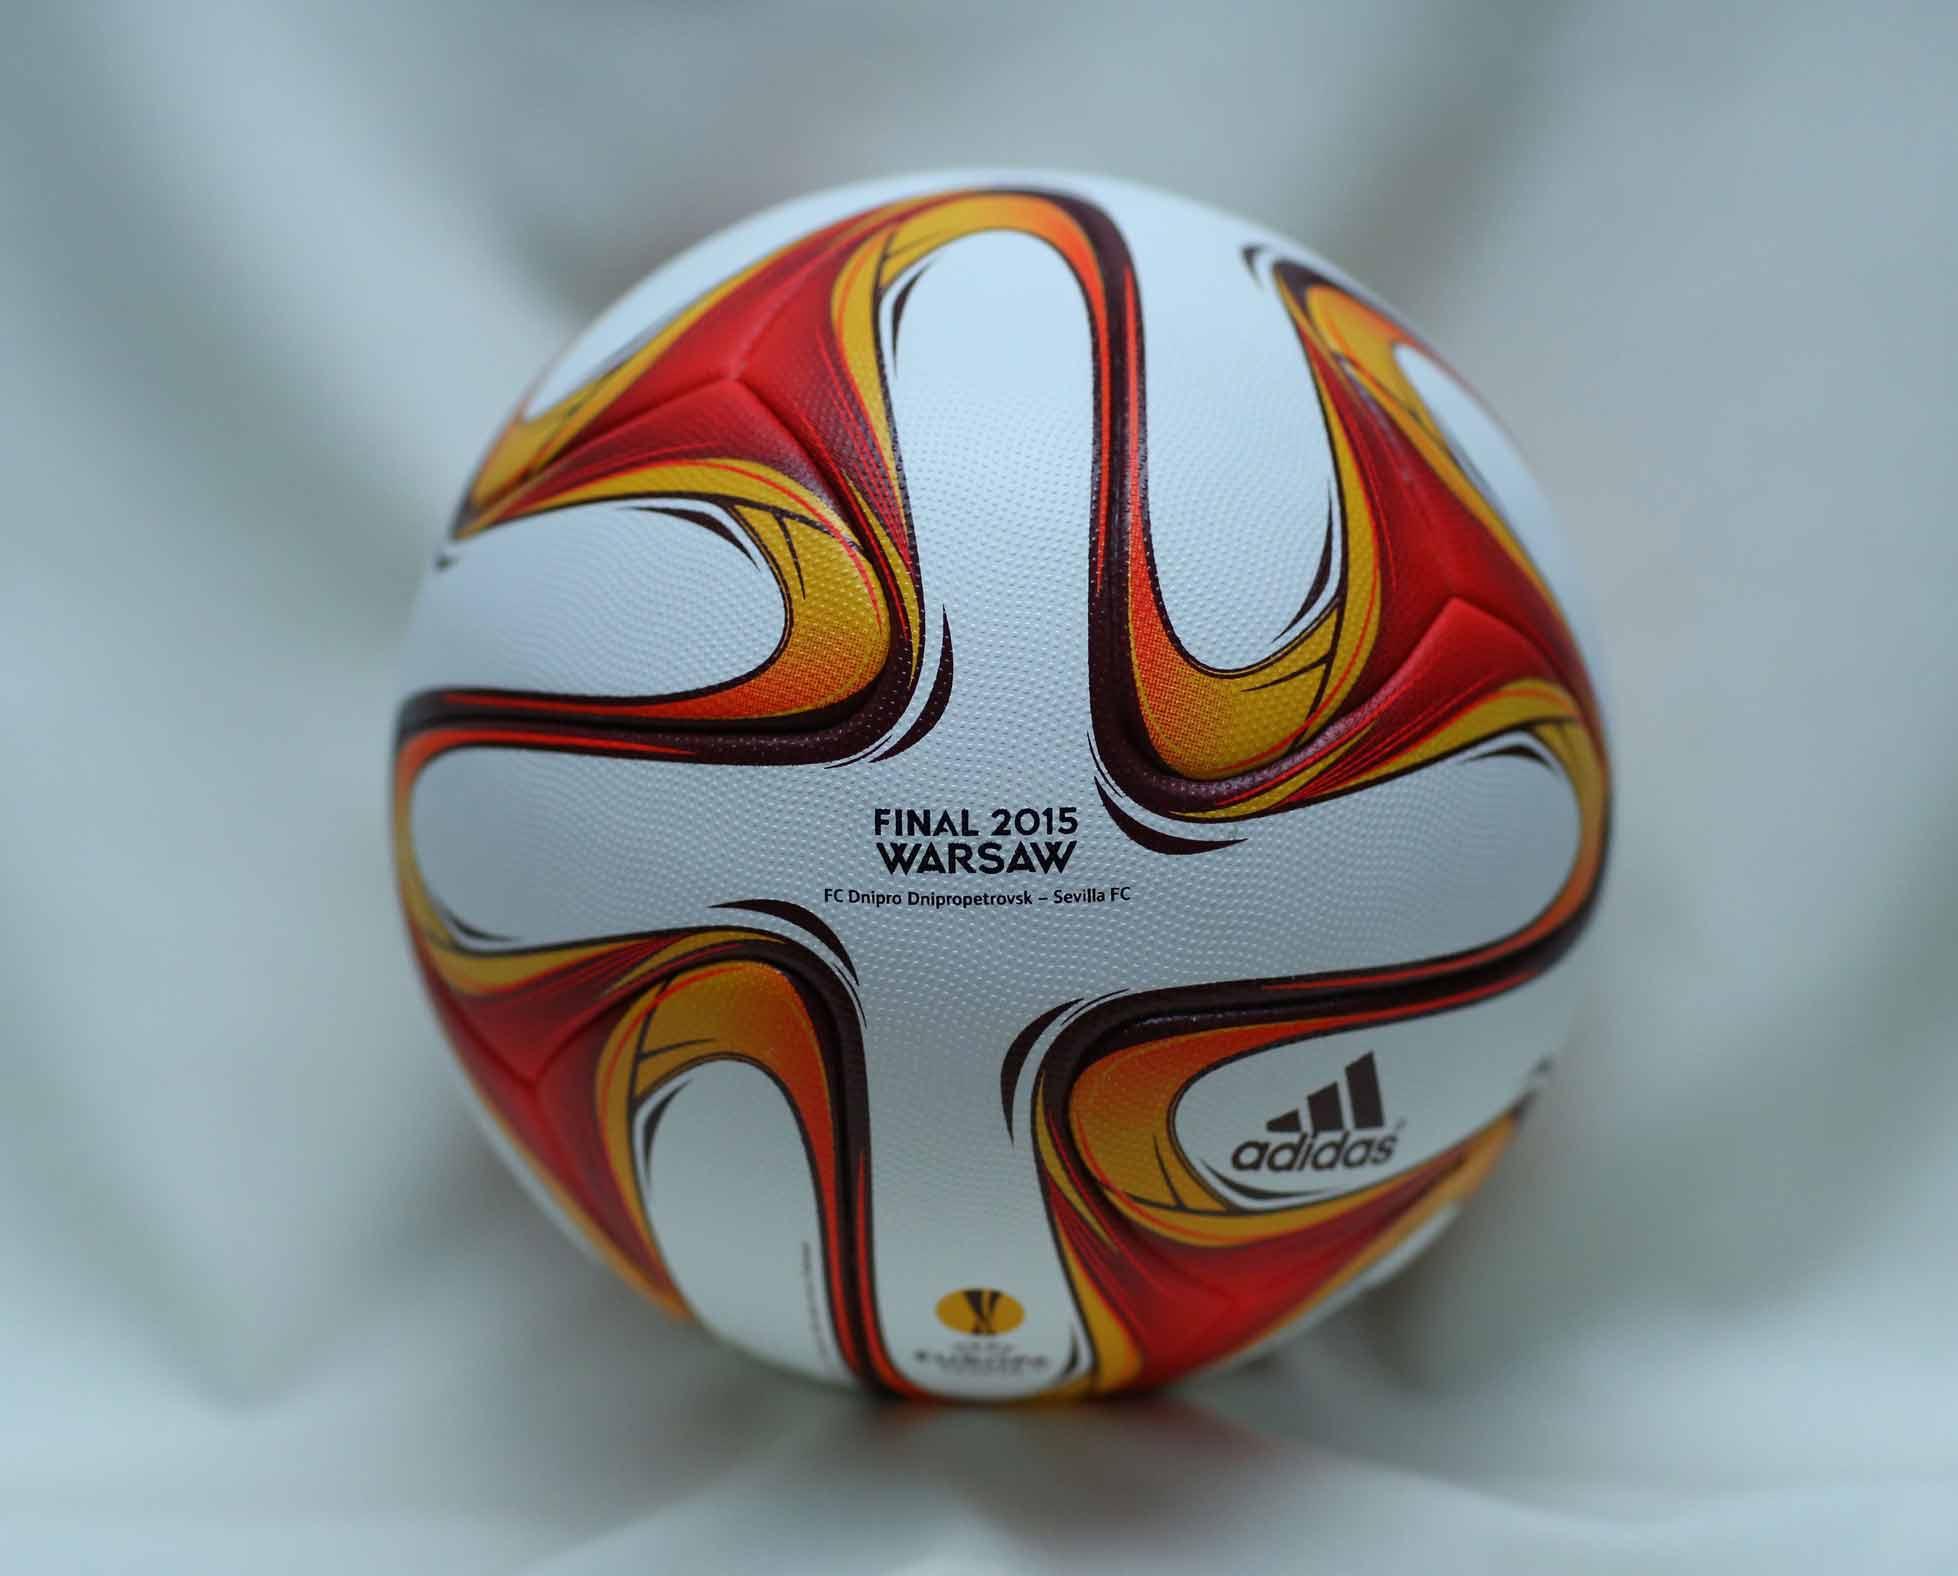 мяч финала Лиги Европы 2015 - Final 2015 Warsaw